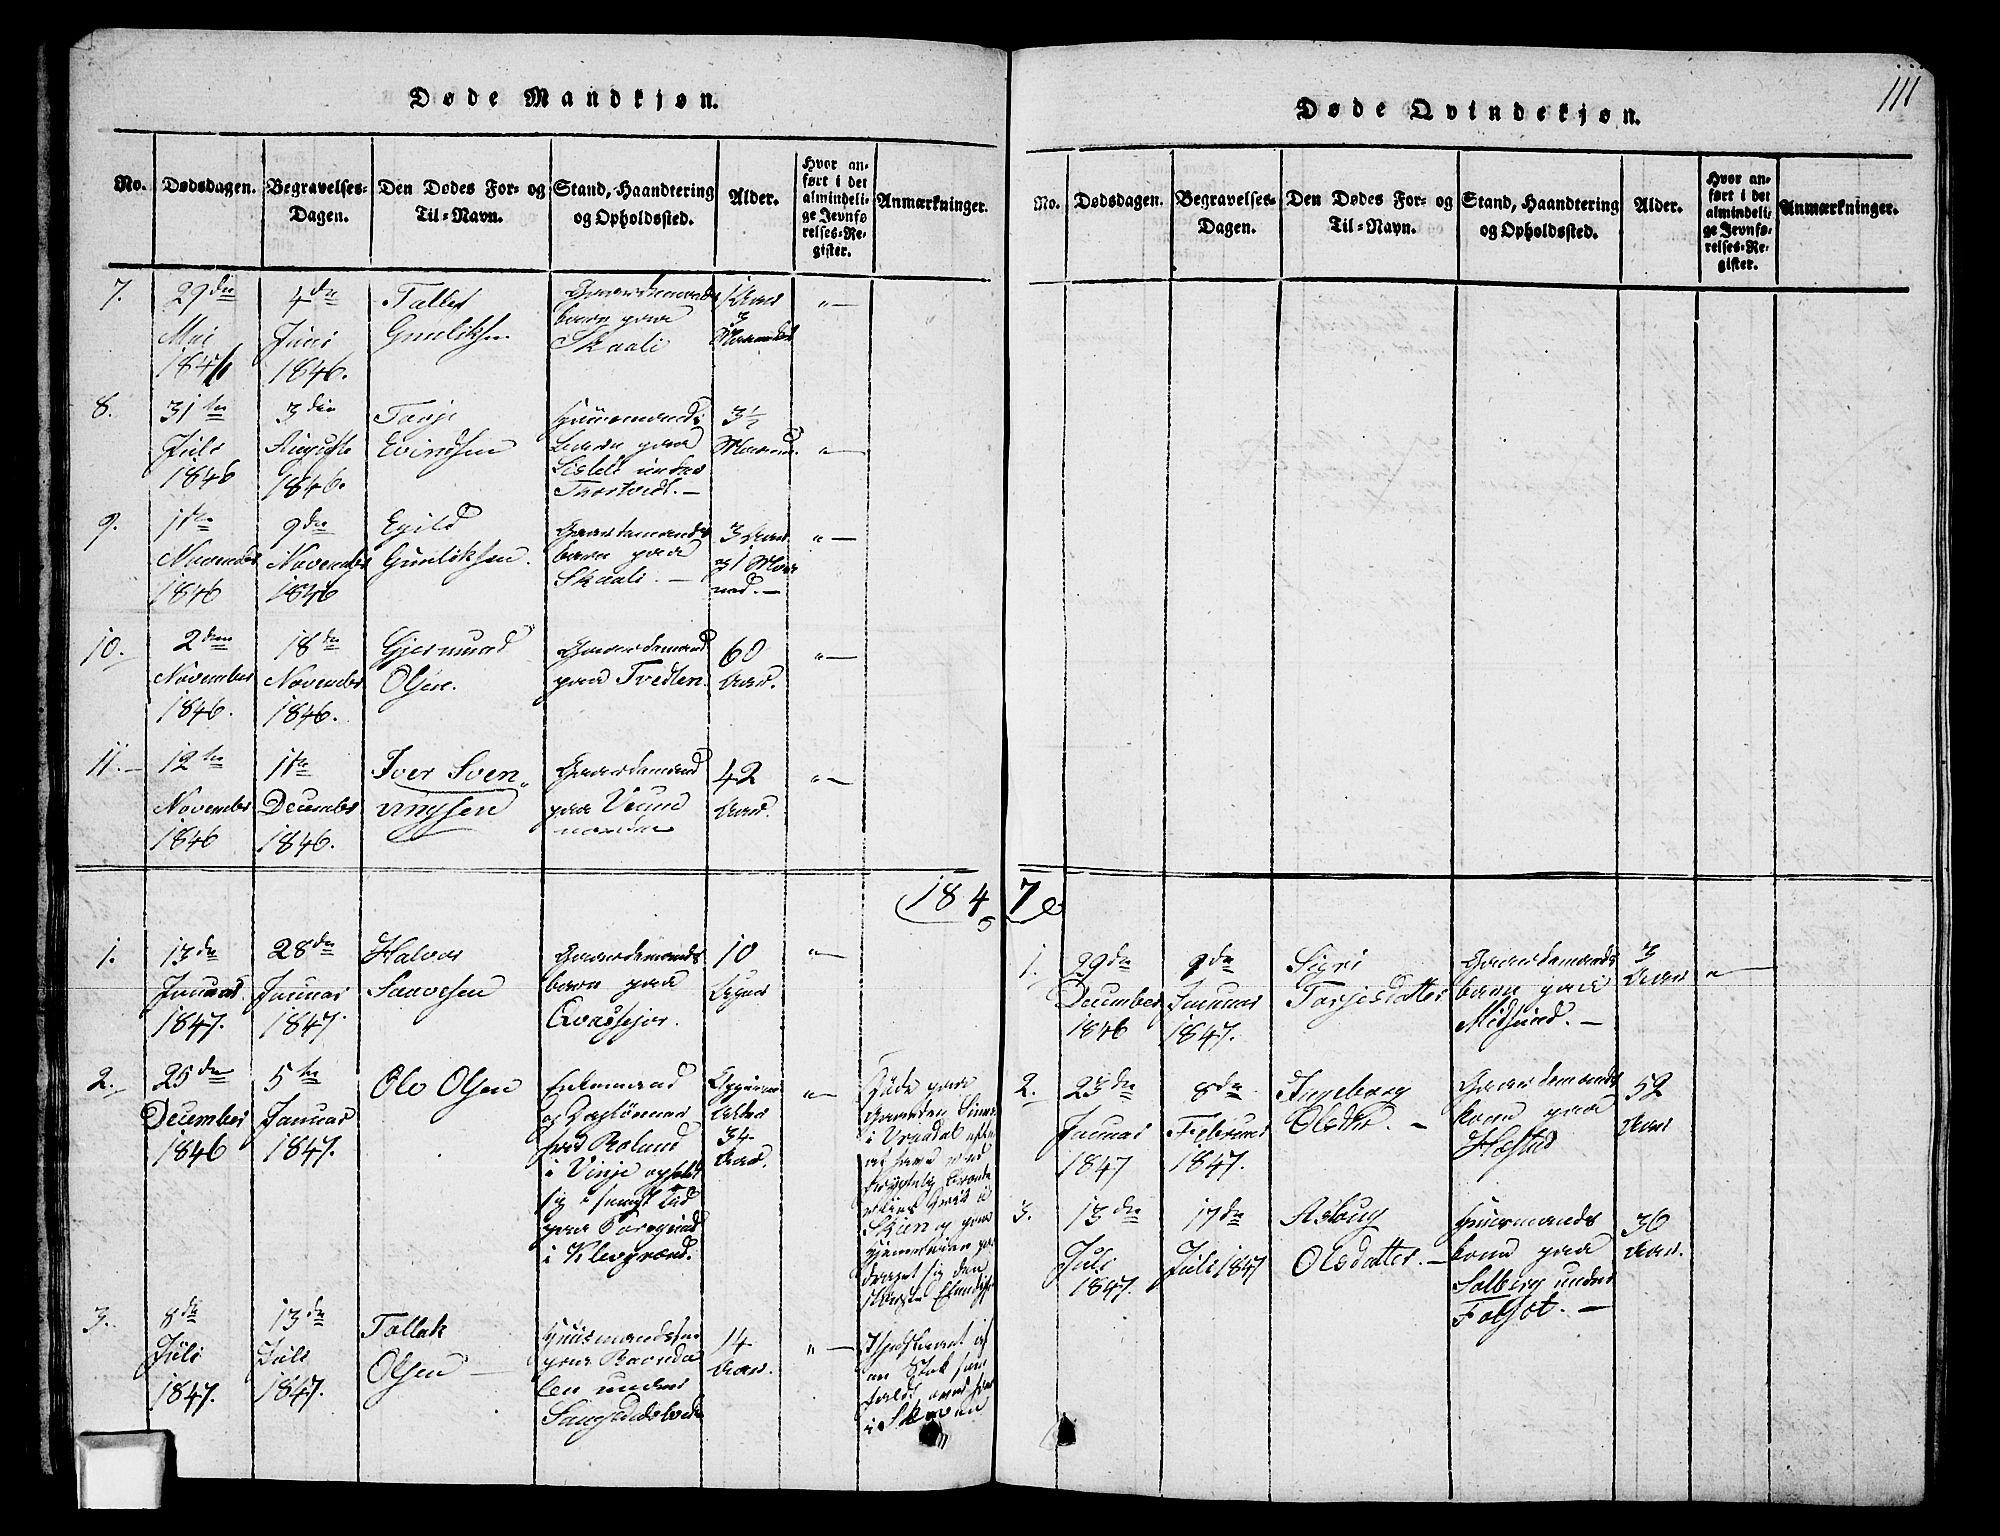 SAKO, Fyresdal kirkebøker, G/Ga/L0003: Klokkerbok nr. I 3, 1815-1863, s. 111